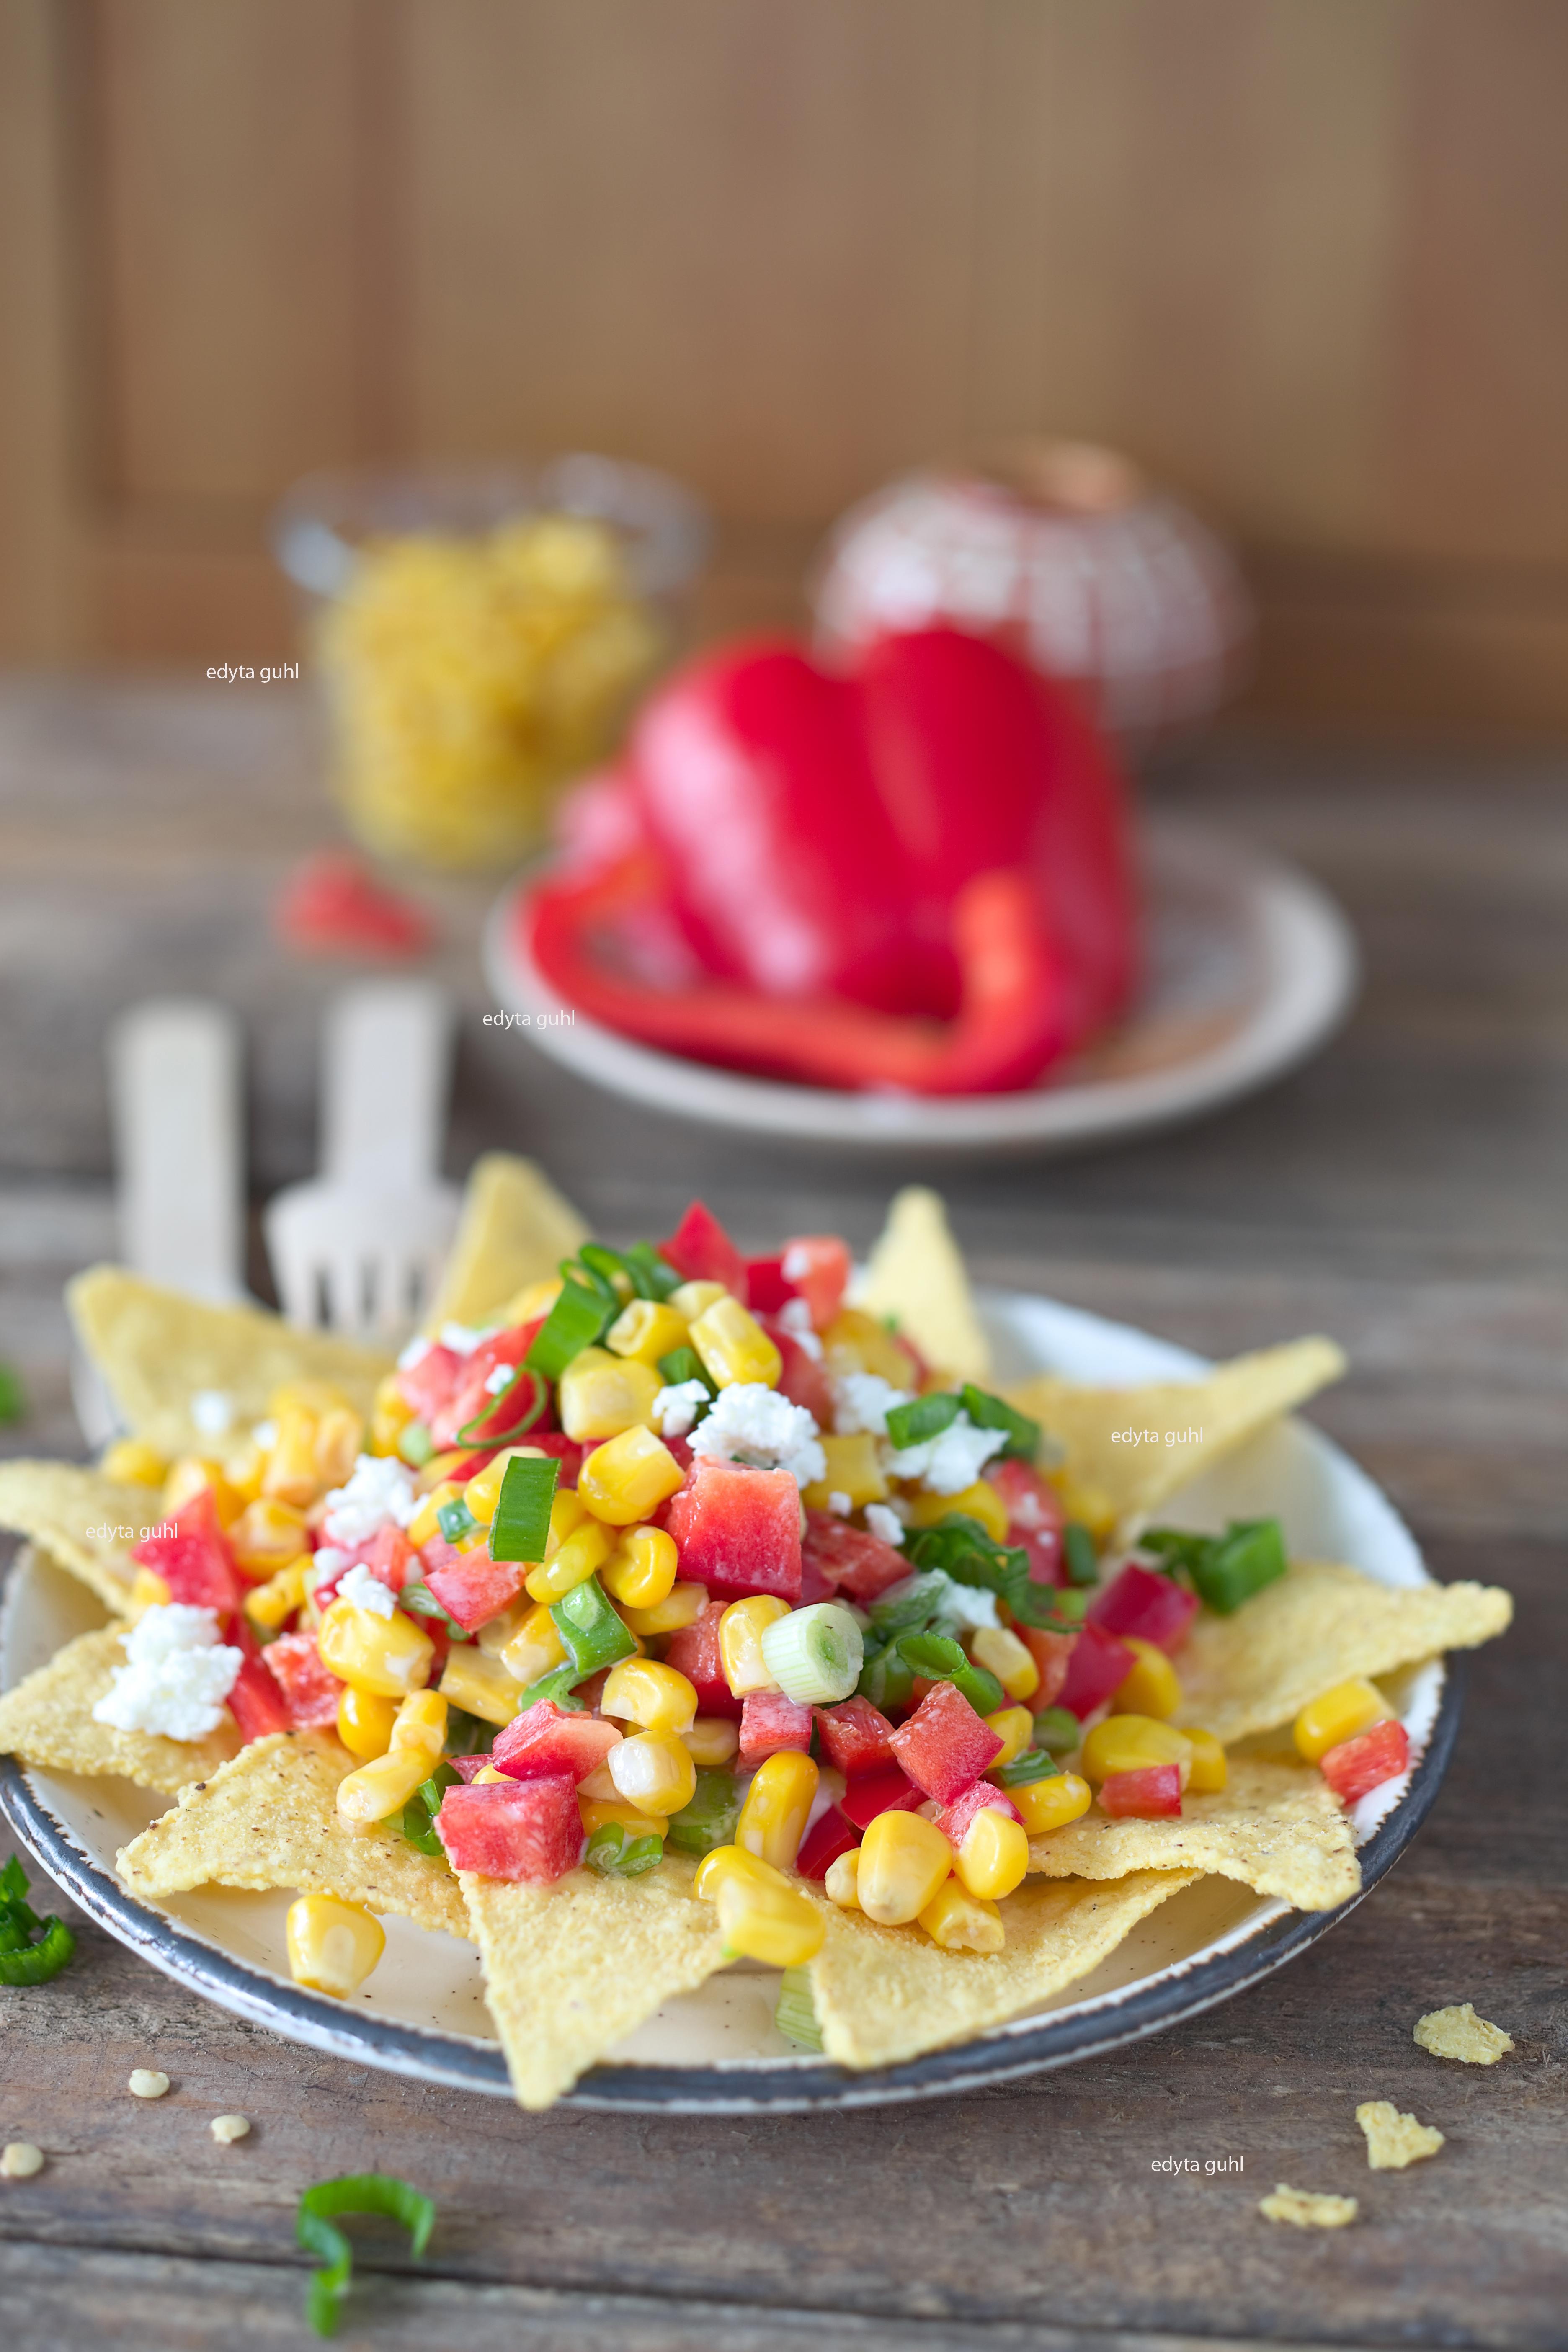 Selbstgemachter, mexikanischer Salat mit Nachos. Edyta Guhl.